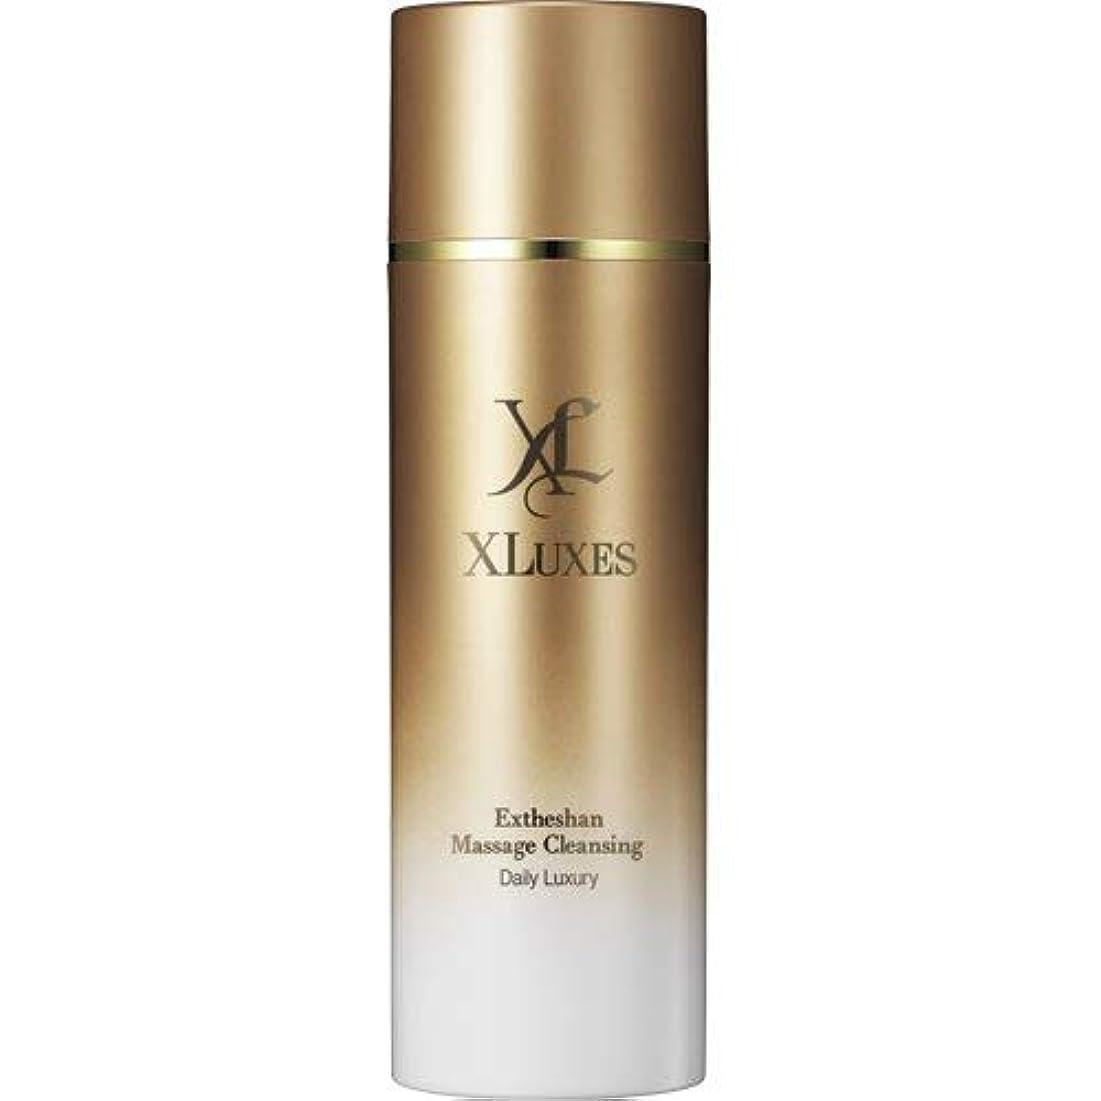 症状レタスカセットXLUXES クレンジング [ヒト幹細胞 培養液配合] エグゼティシャン マッサージクレンジング (ダマスクローズの香り) メイク落とし